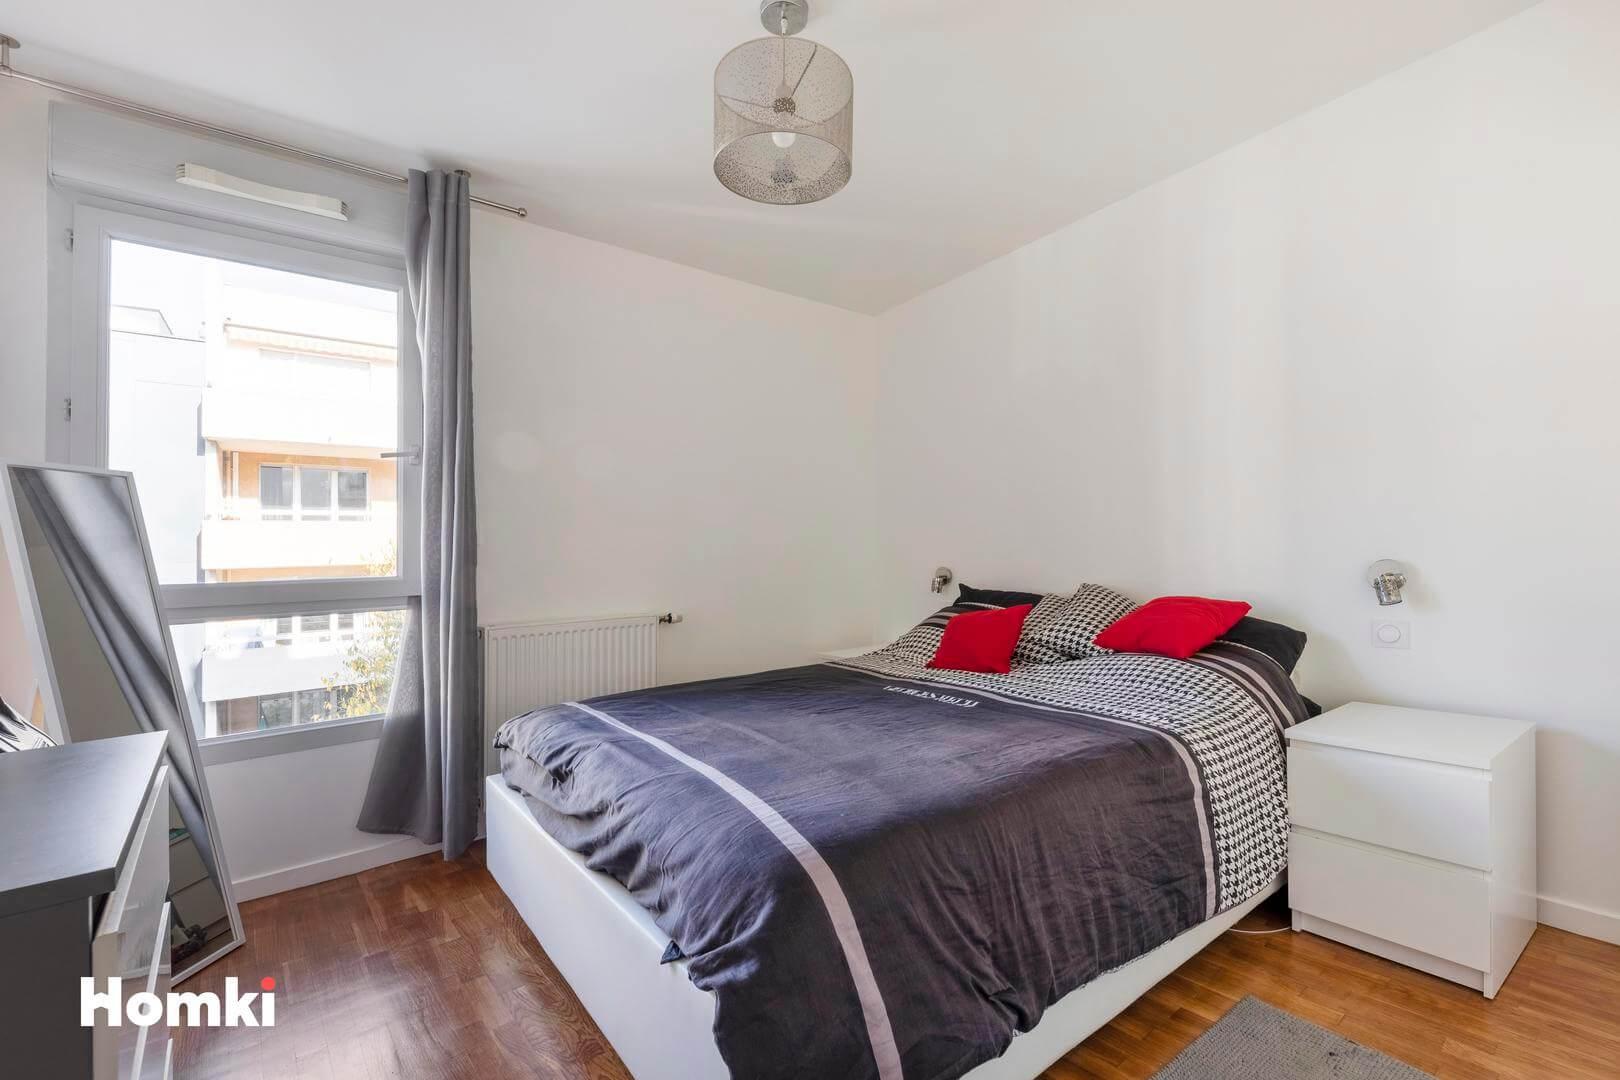 Homki - Vente Appartement  de 90.0 m² à Villeurbanne 69100